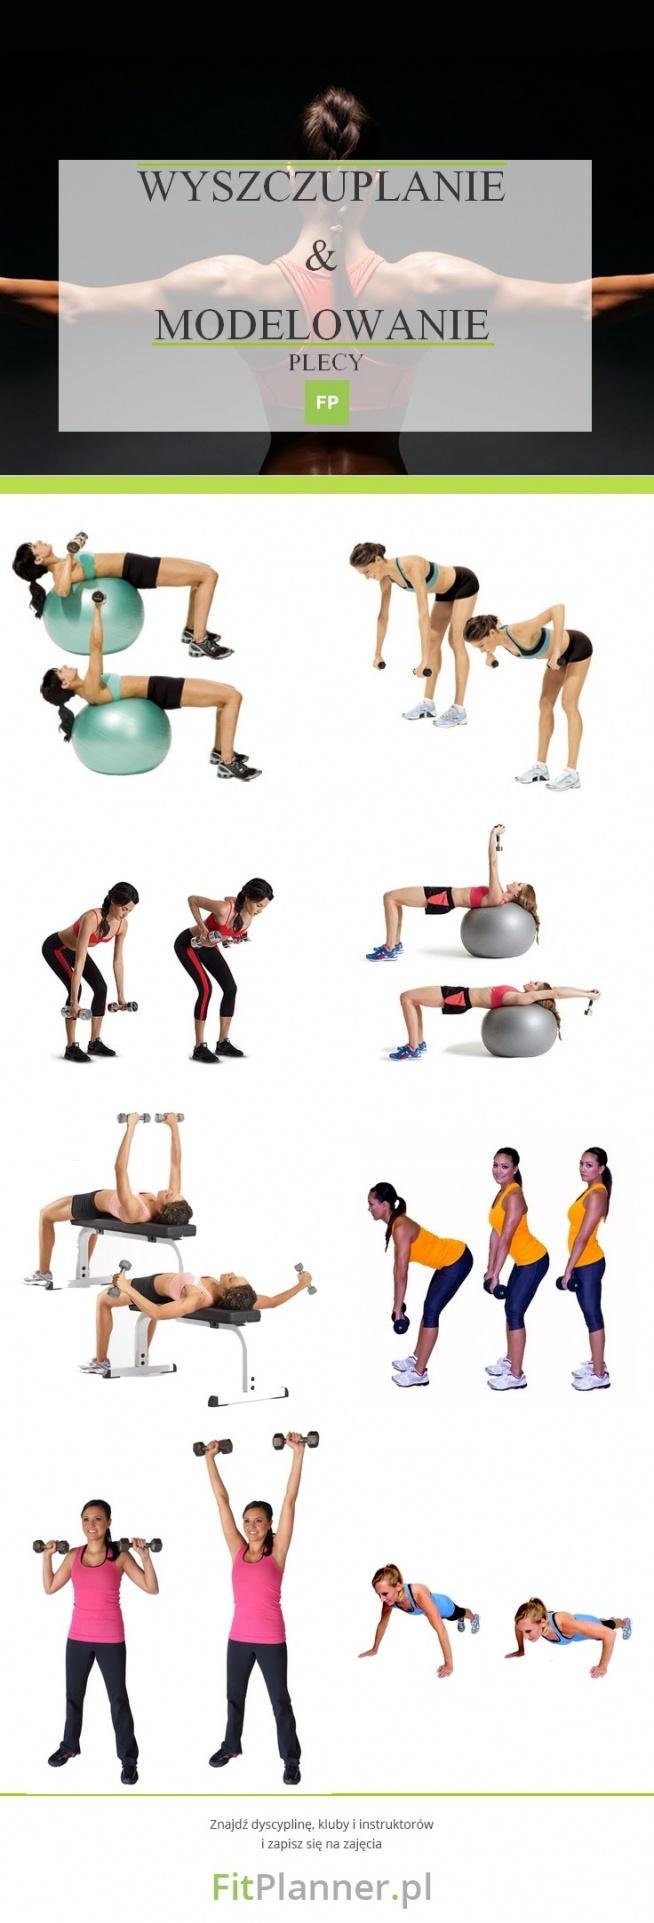 Ćwiczenia na sexy ❤️ plecy :)  ZESTAW ĆWICZEŃ WYSZCZUPLAJĄCYCH I MODELUJĄCYCH PLECY  Wykonaj każde ćwiczenie w 3 seriach po 60 sekund.   Jeśli chcesz poznać inne ćwiczenia, kliknij w obrazek i wyszukaj interesujące Cię ćwiczenia ;)  FitPlanner - wyszukiwarka zajęć sportowych, klubów fitness i instruktorów.